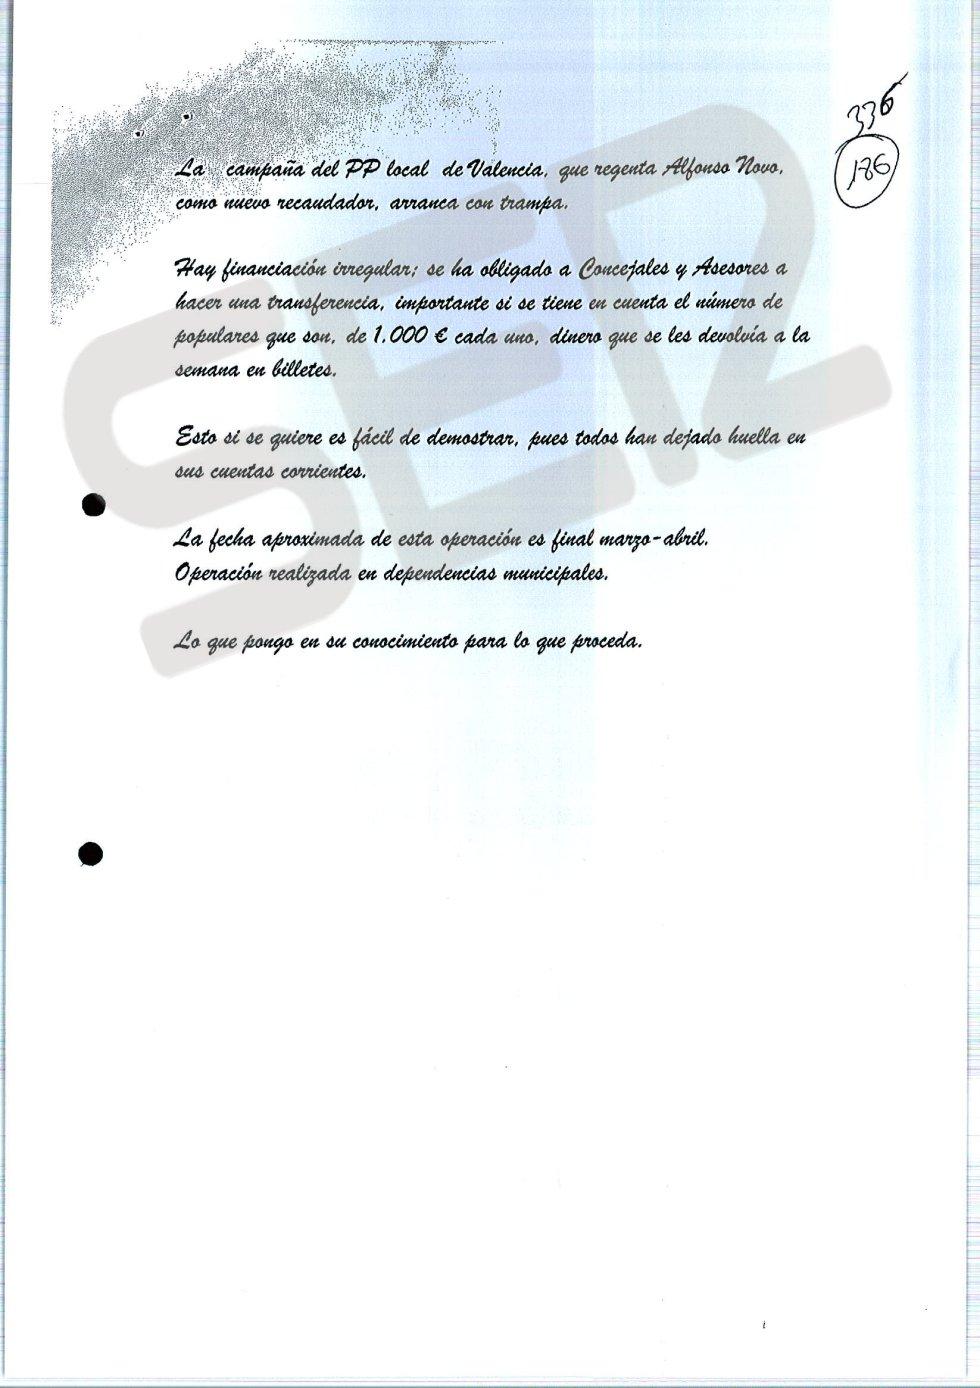 Nota anónima con la que comenzó a investigarse la operación Taula de presunta financiación ilegal en el PP de Valencia.